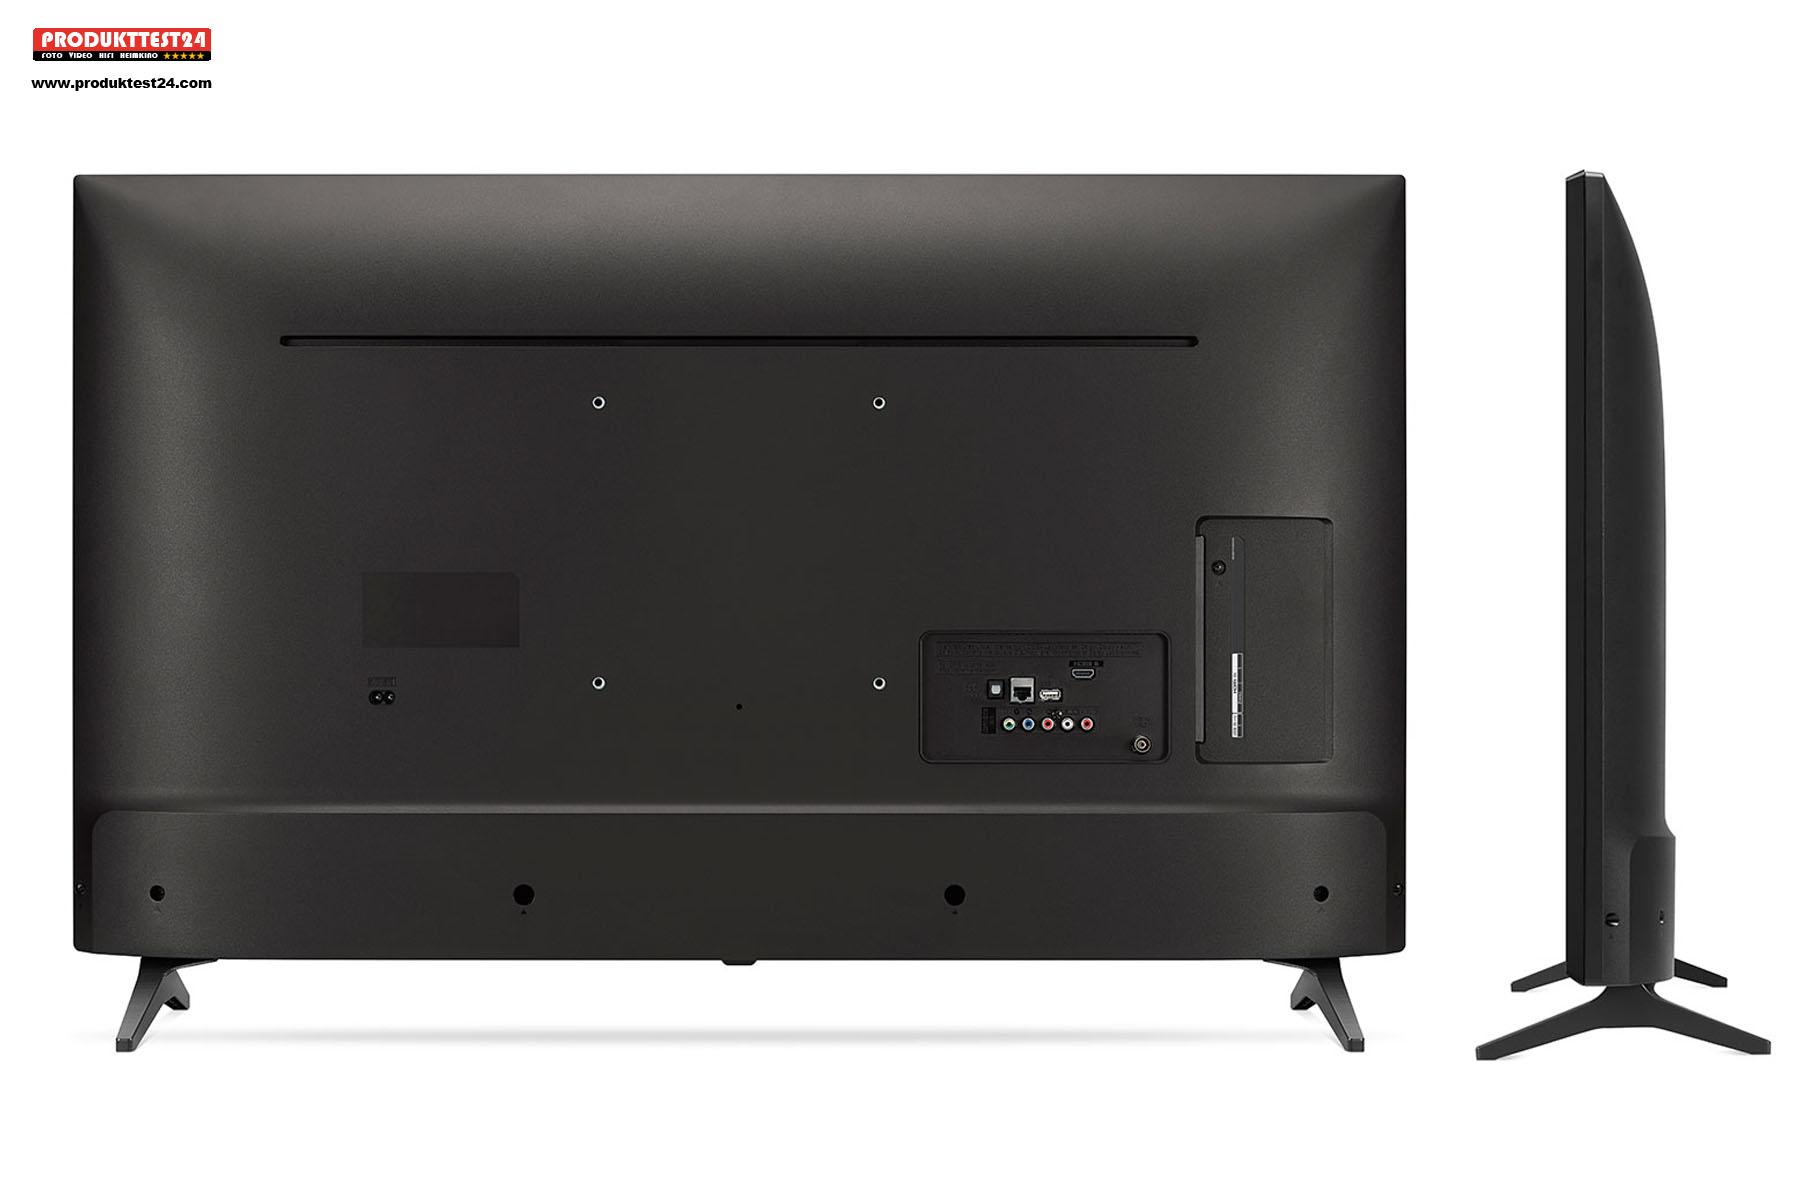 Der LG 43UM7050PLF besitzt ein schlichtes Kunststoffgehäuse